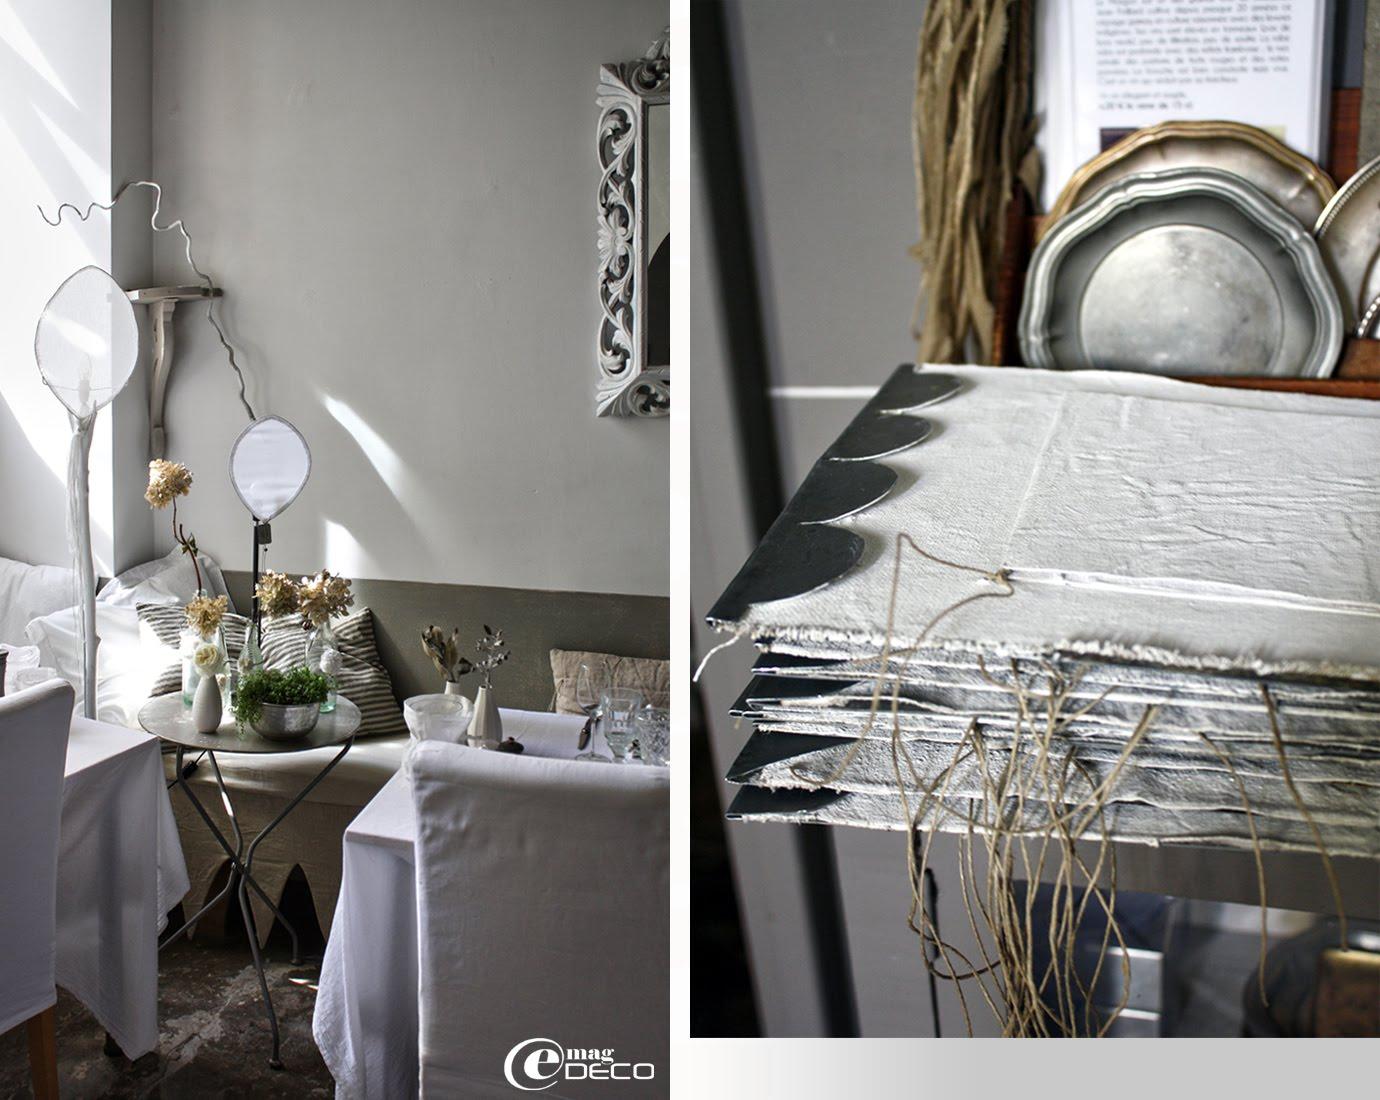 Deux lampes 'flamme' en métal et voile de coton blanc, créations Béatrice Loncle et Geneviève Cazottes